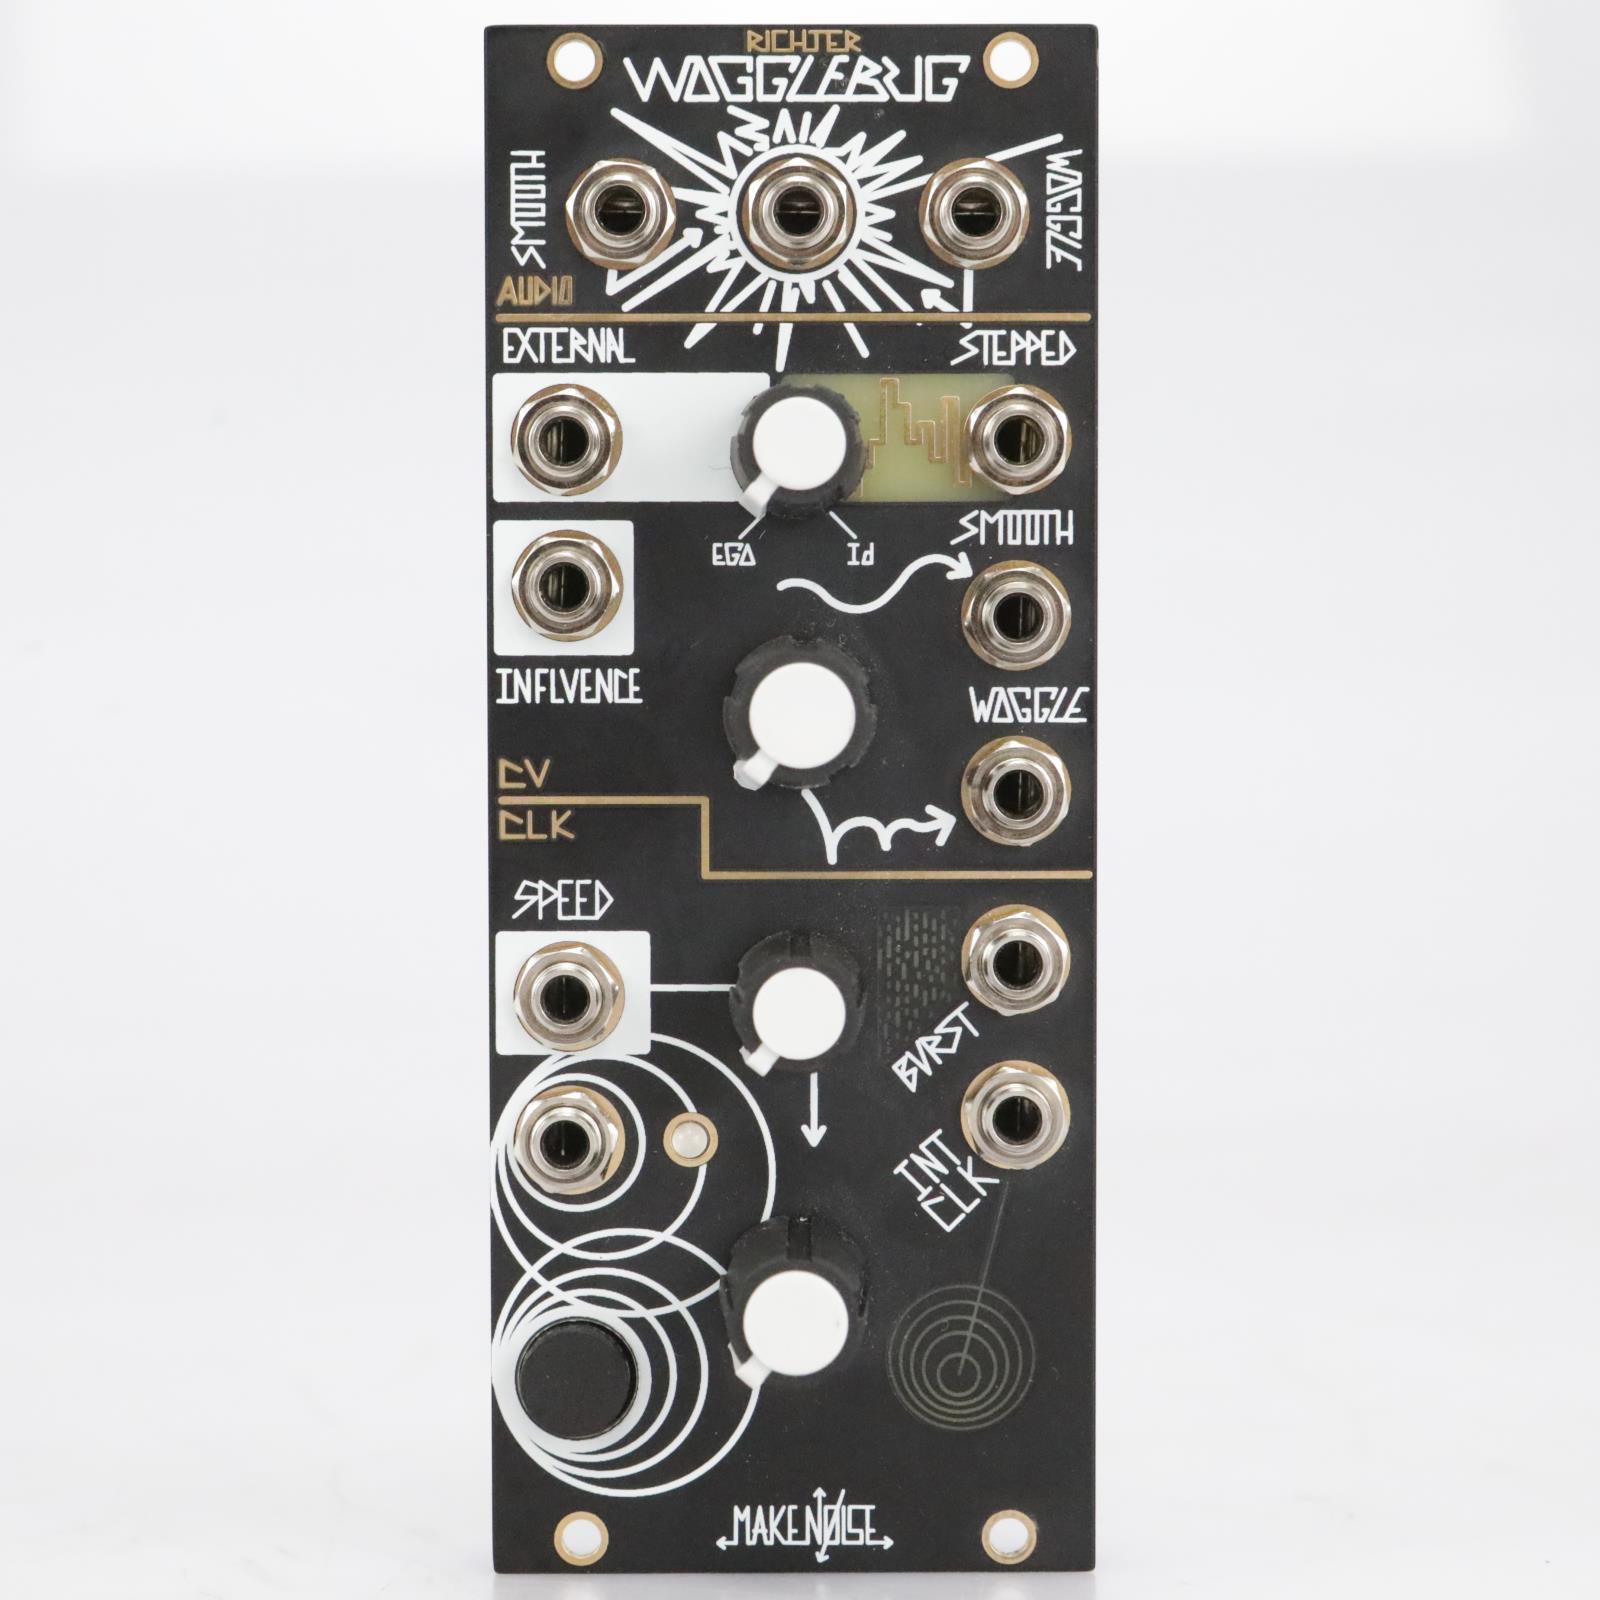 Make Noise Richter Wogglebug Random Voltage Generator #41734